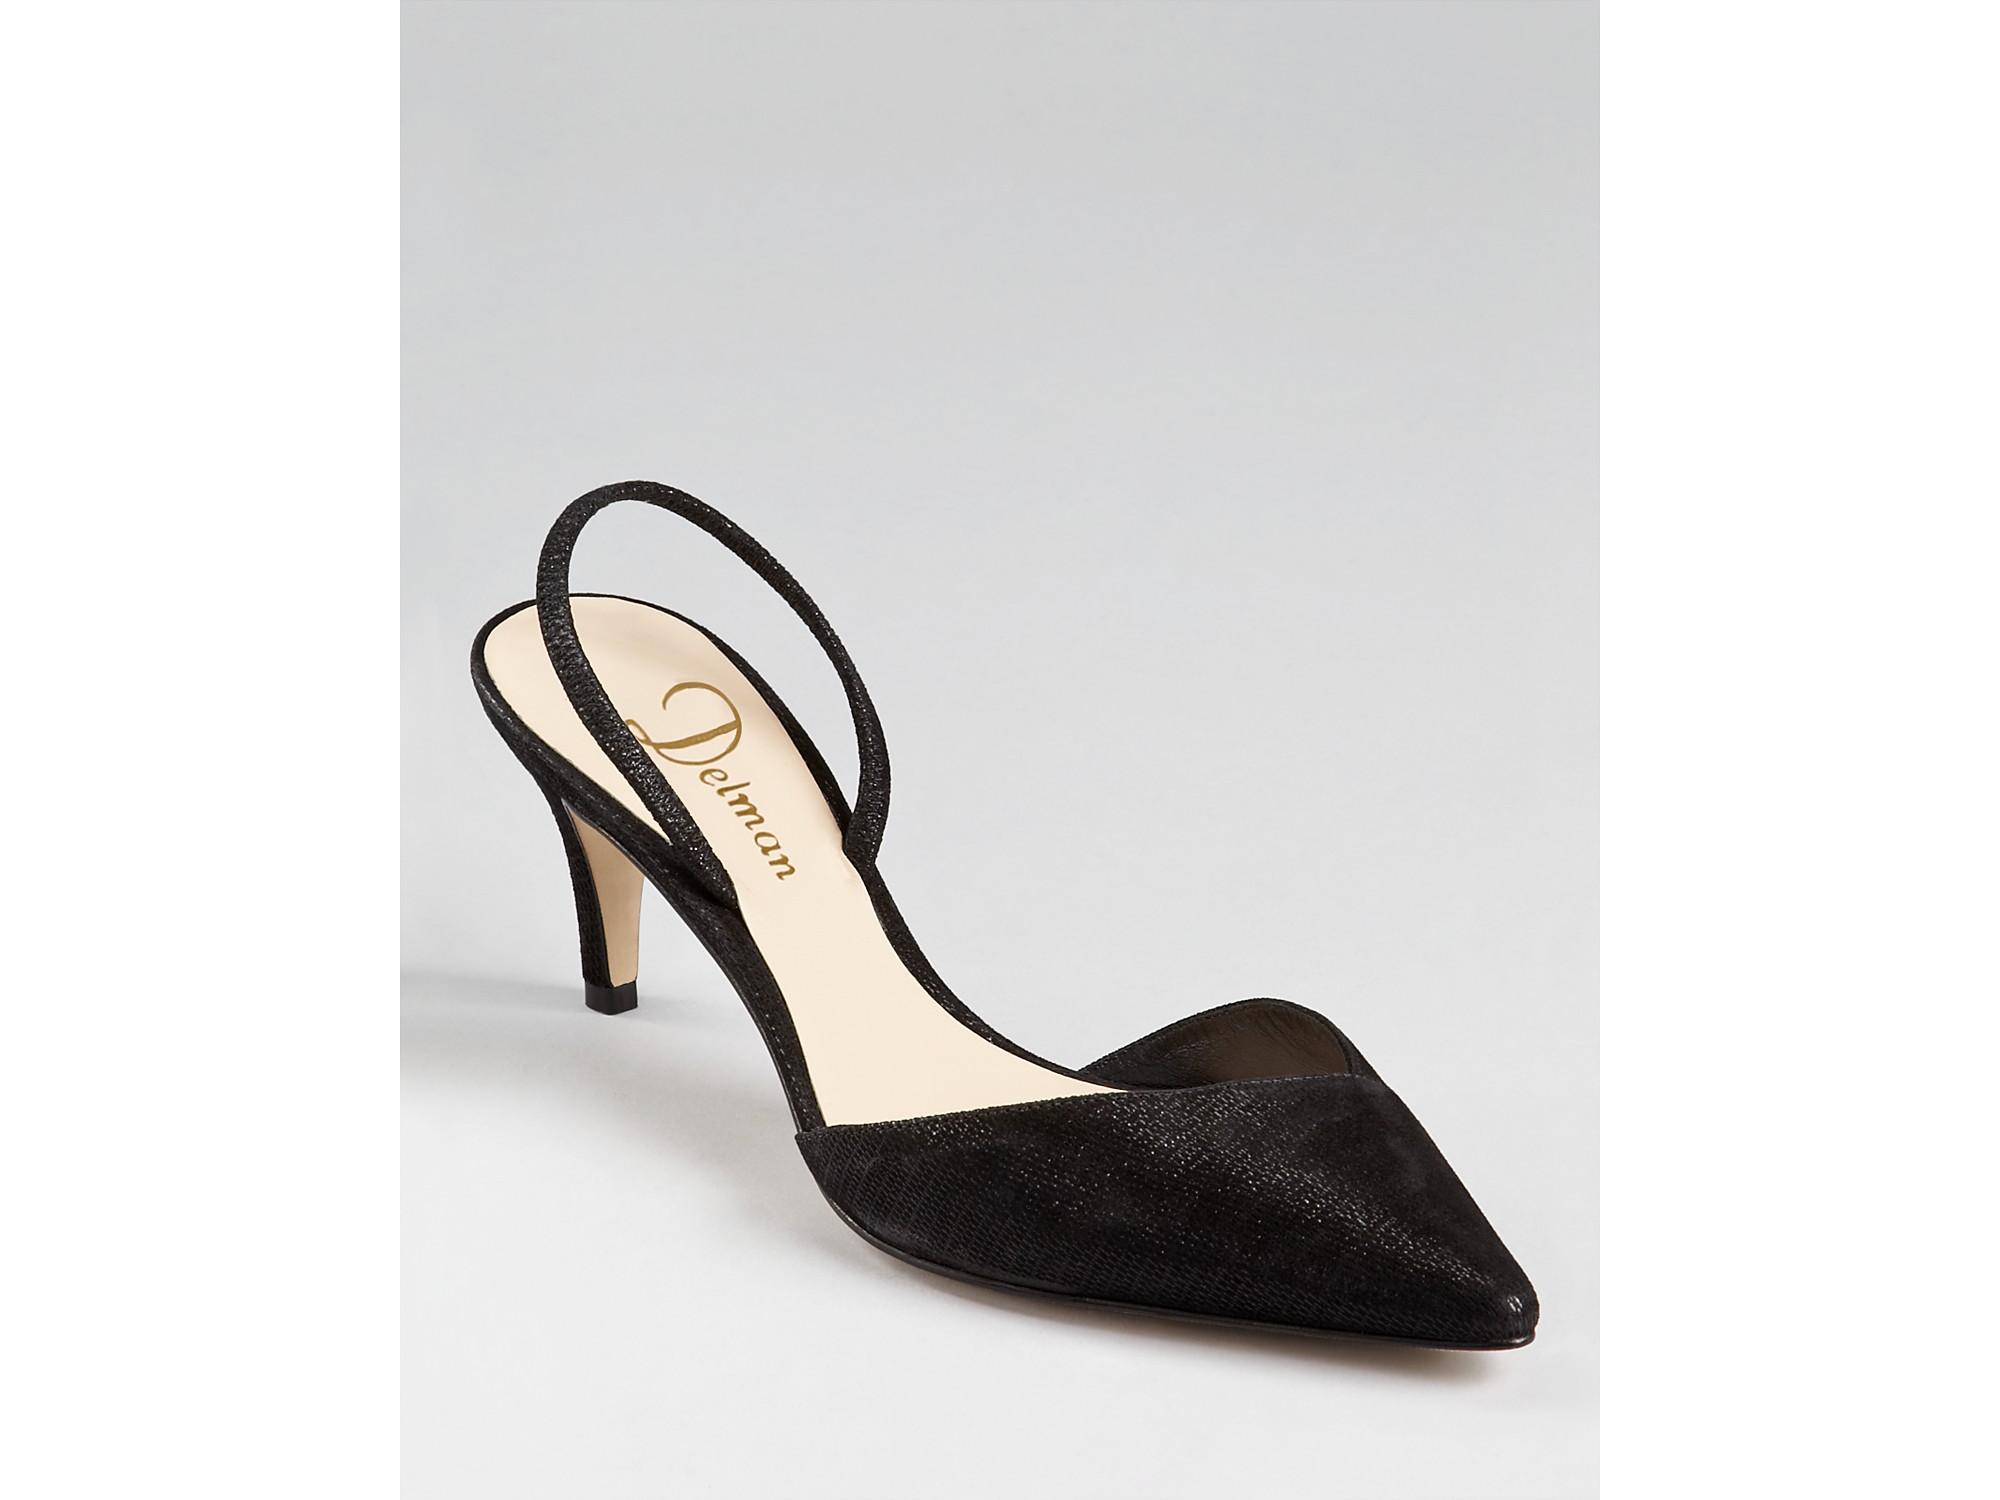 7689068f51e Lyst - Delman Pumps Laci Sling back Kitten Heel in Black